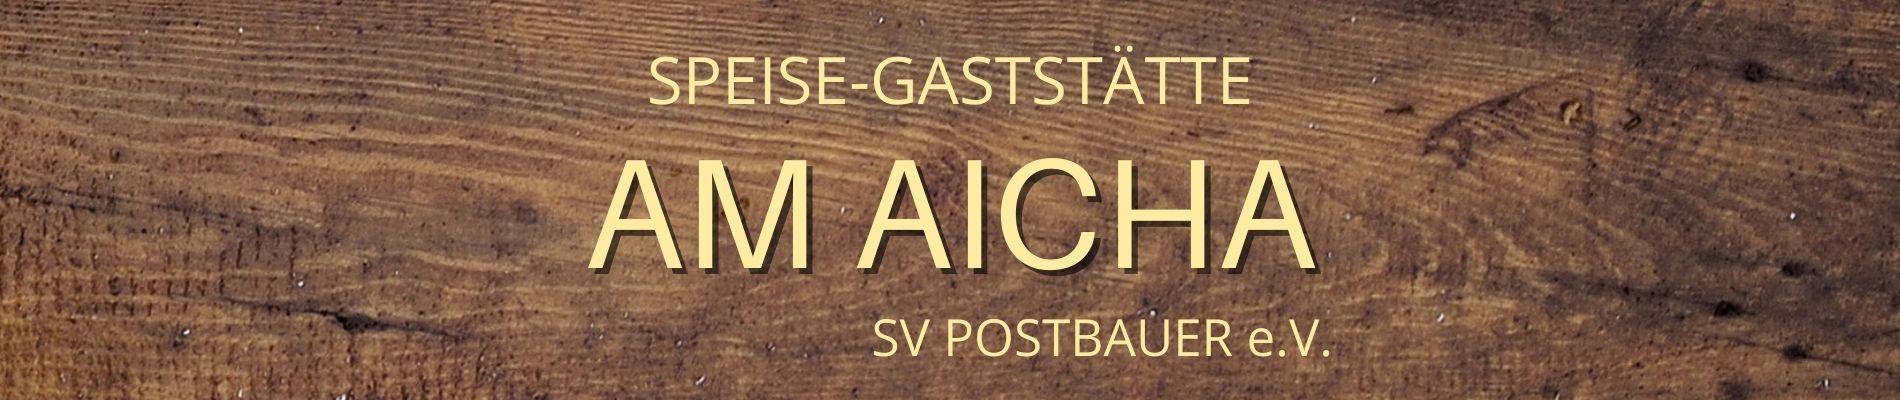 Restaurant Neumarkt Am Aicha Postbauer-Heng Teaser